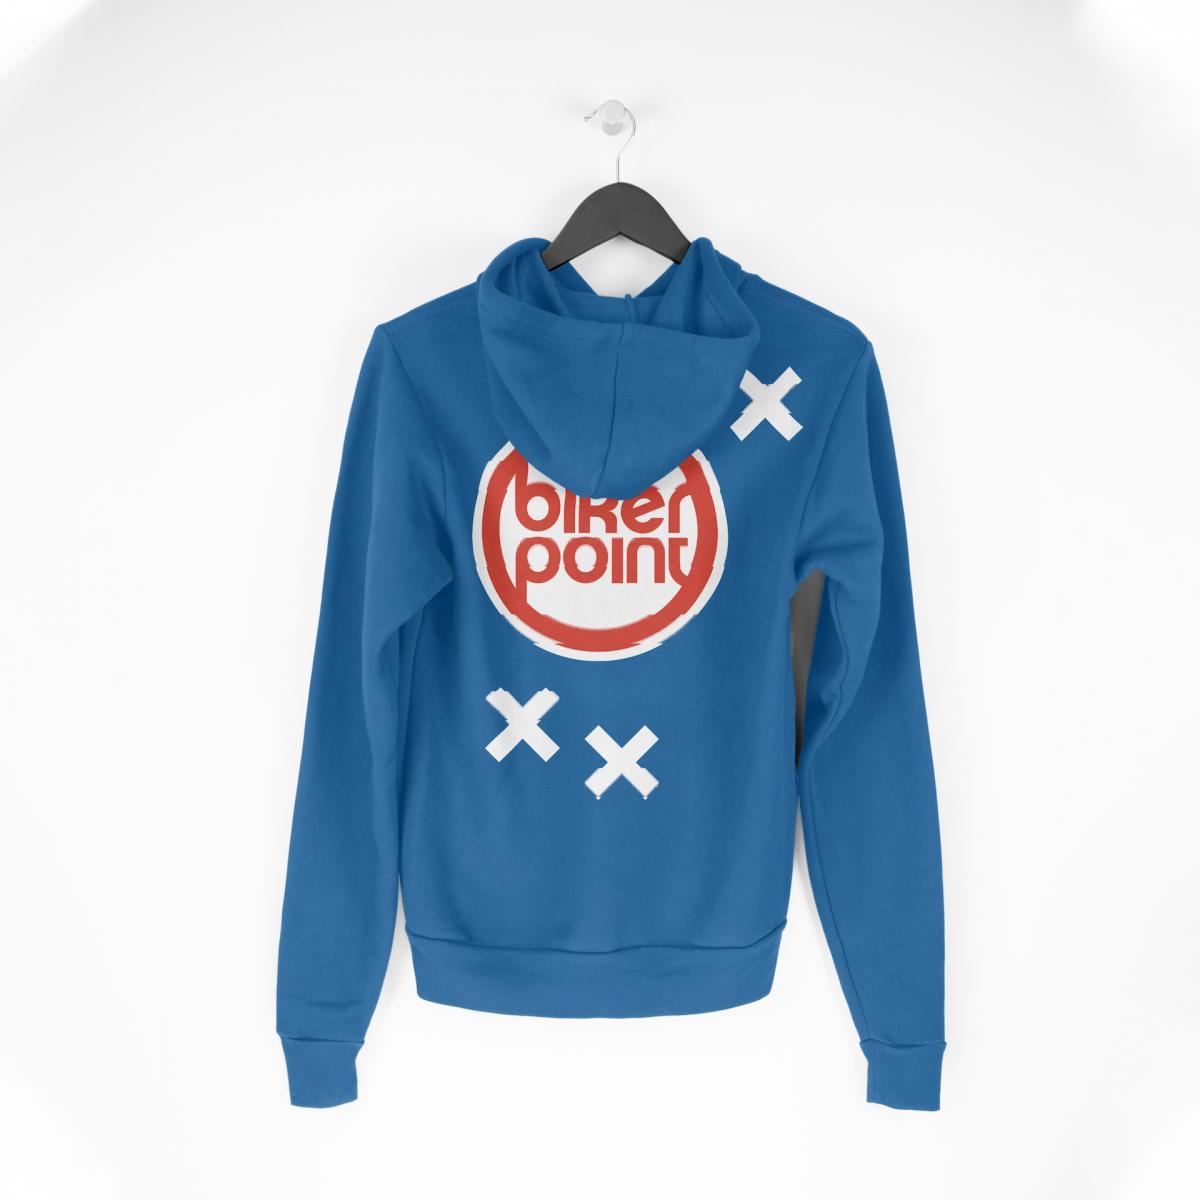 Sweatshirt mit Bikerpoint-Logo und Bikerpoint-Stilelementen